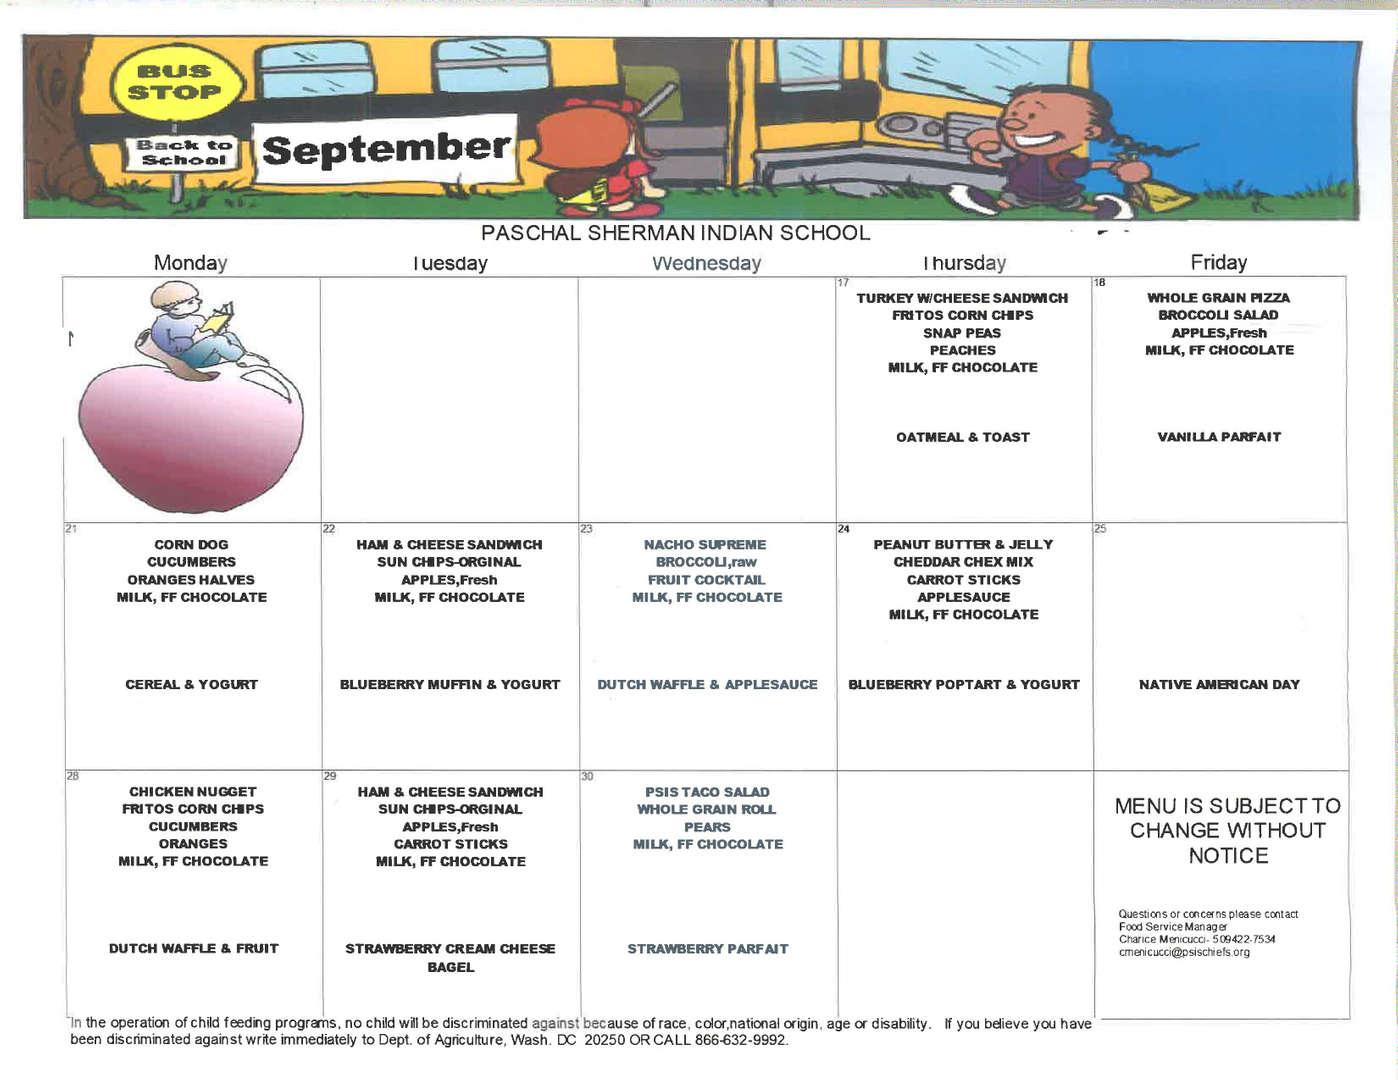 lunch menu for september